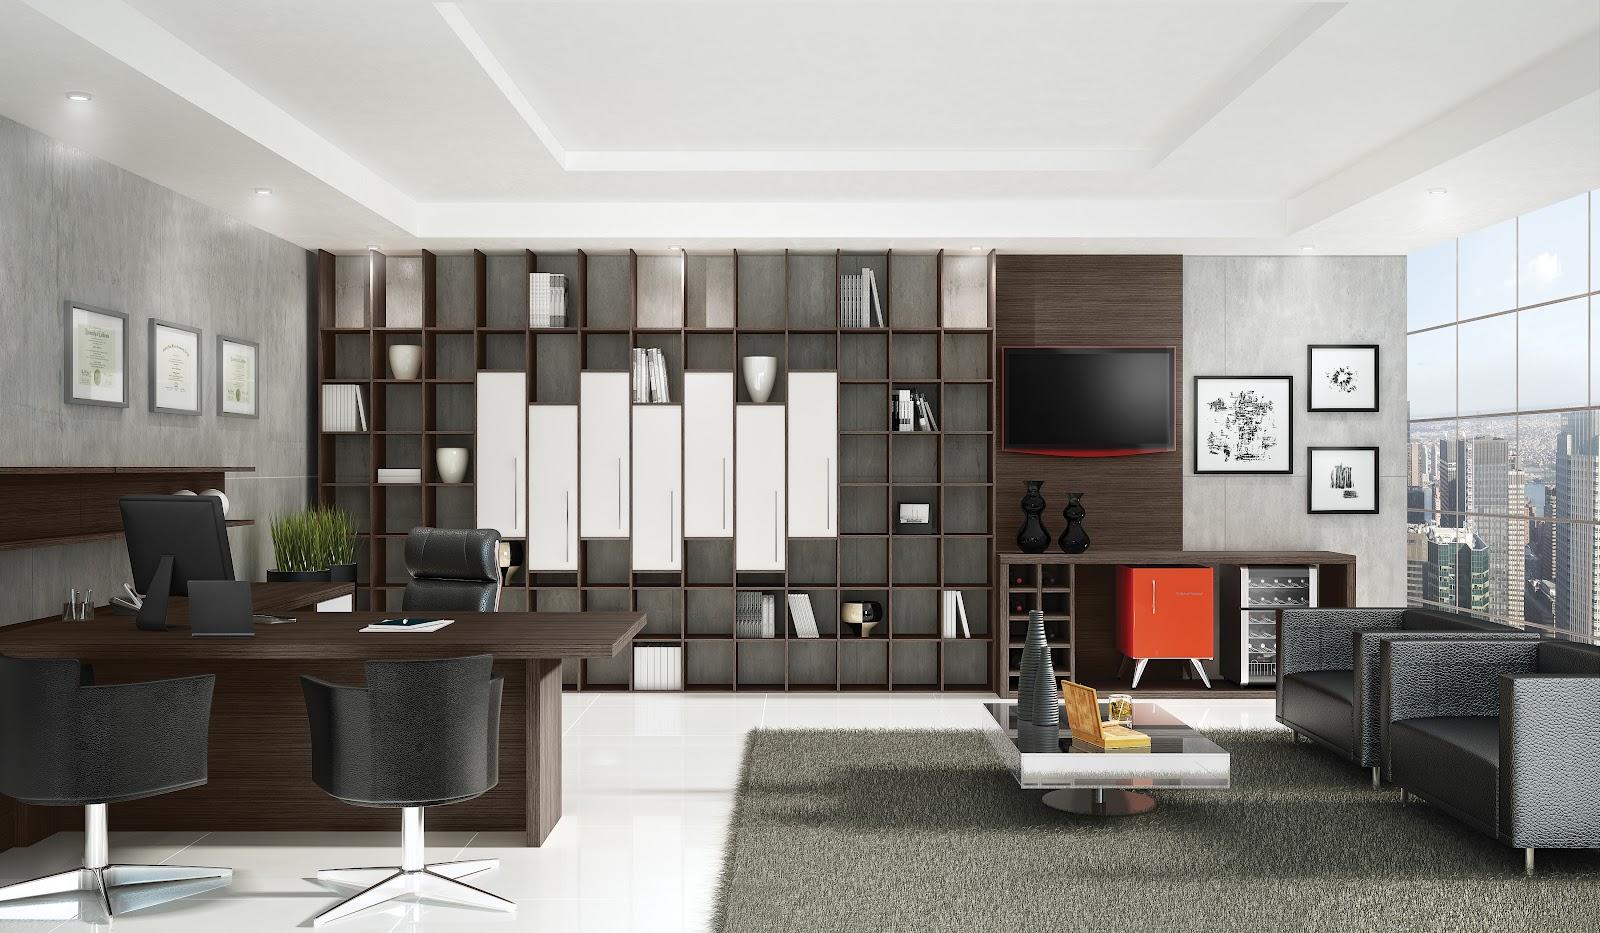 Dimare Móveis Planejados: Home office #AC391F 1600x933